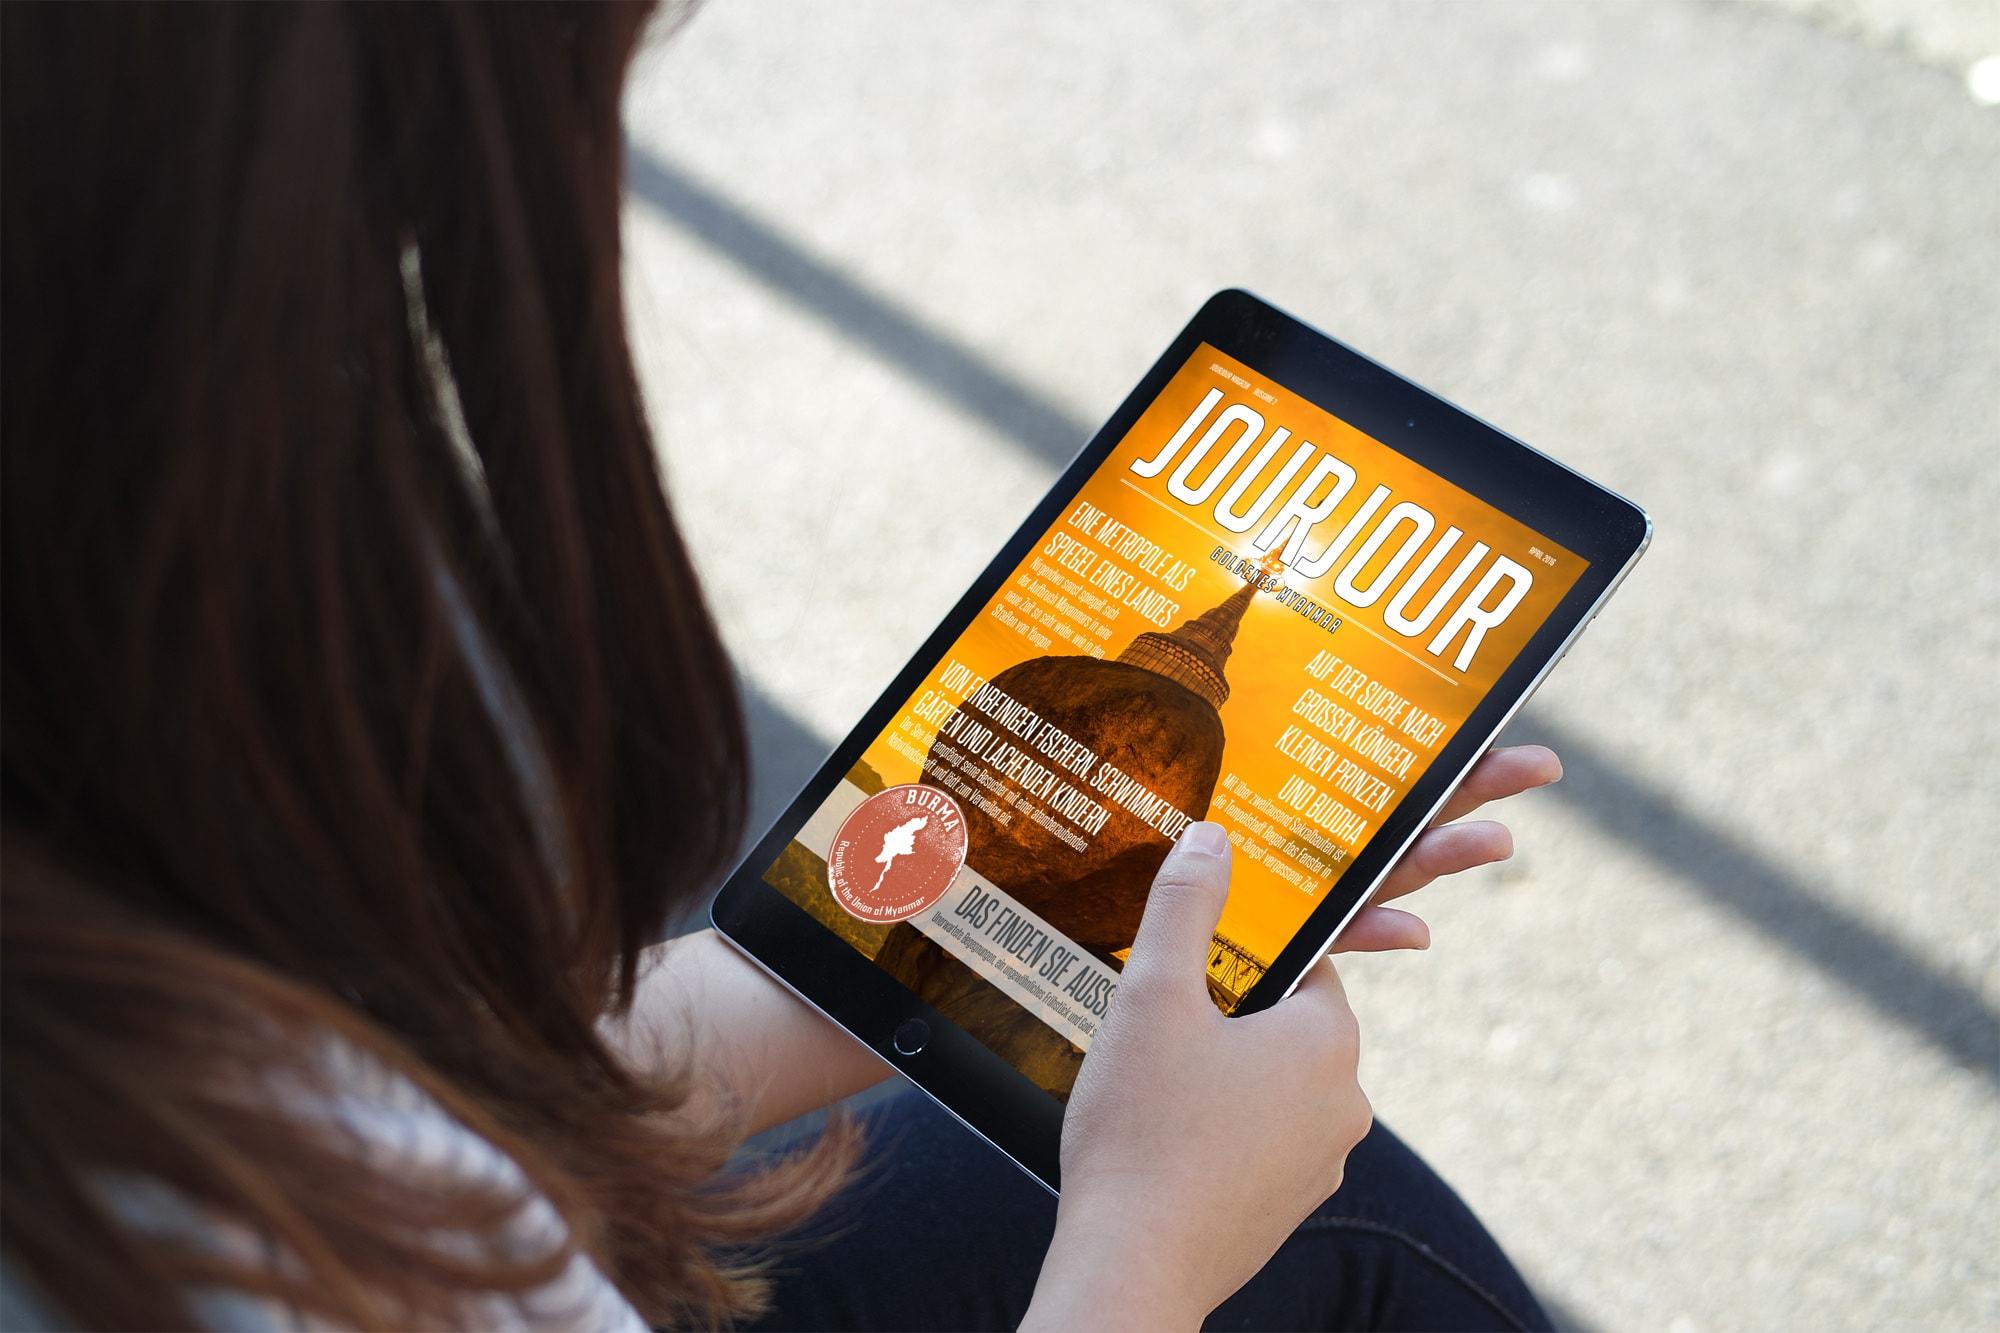 Gold so weit das Auge reicht – die neue Aprilausgabe des JOURJOUR Magazins